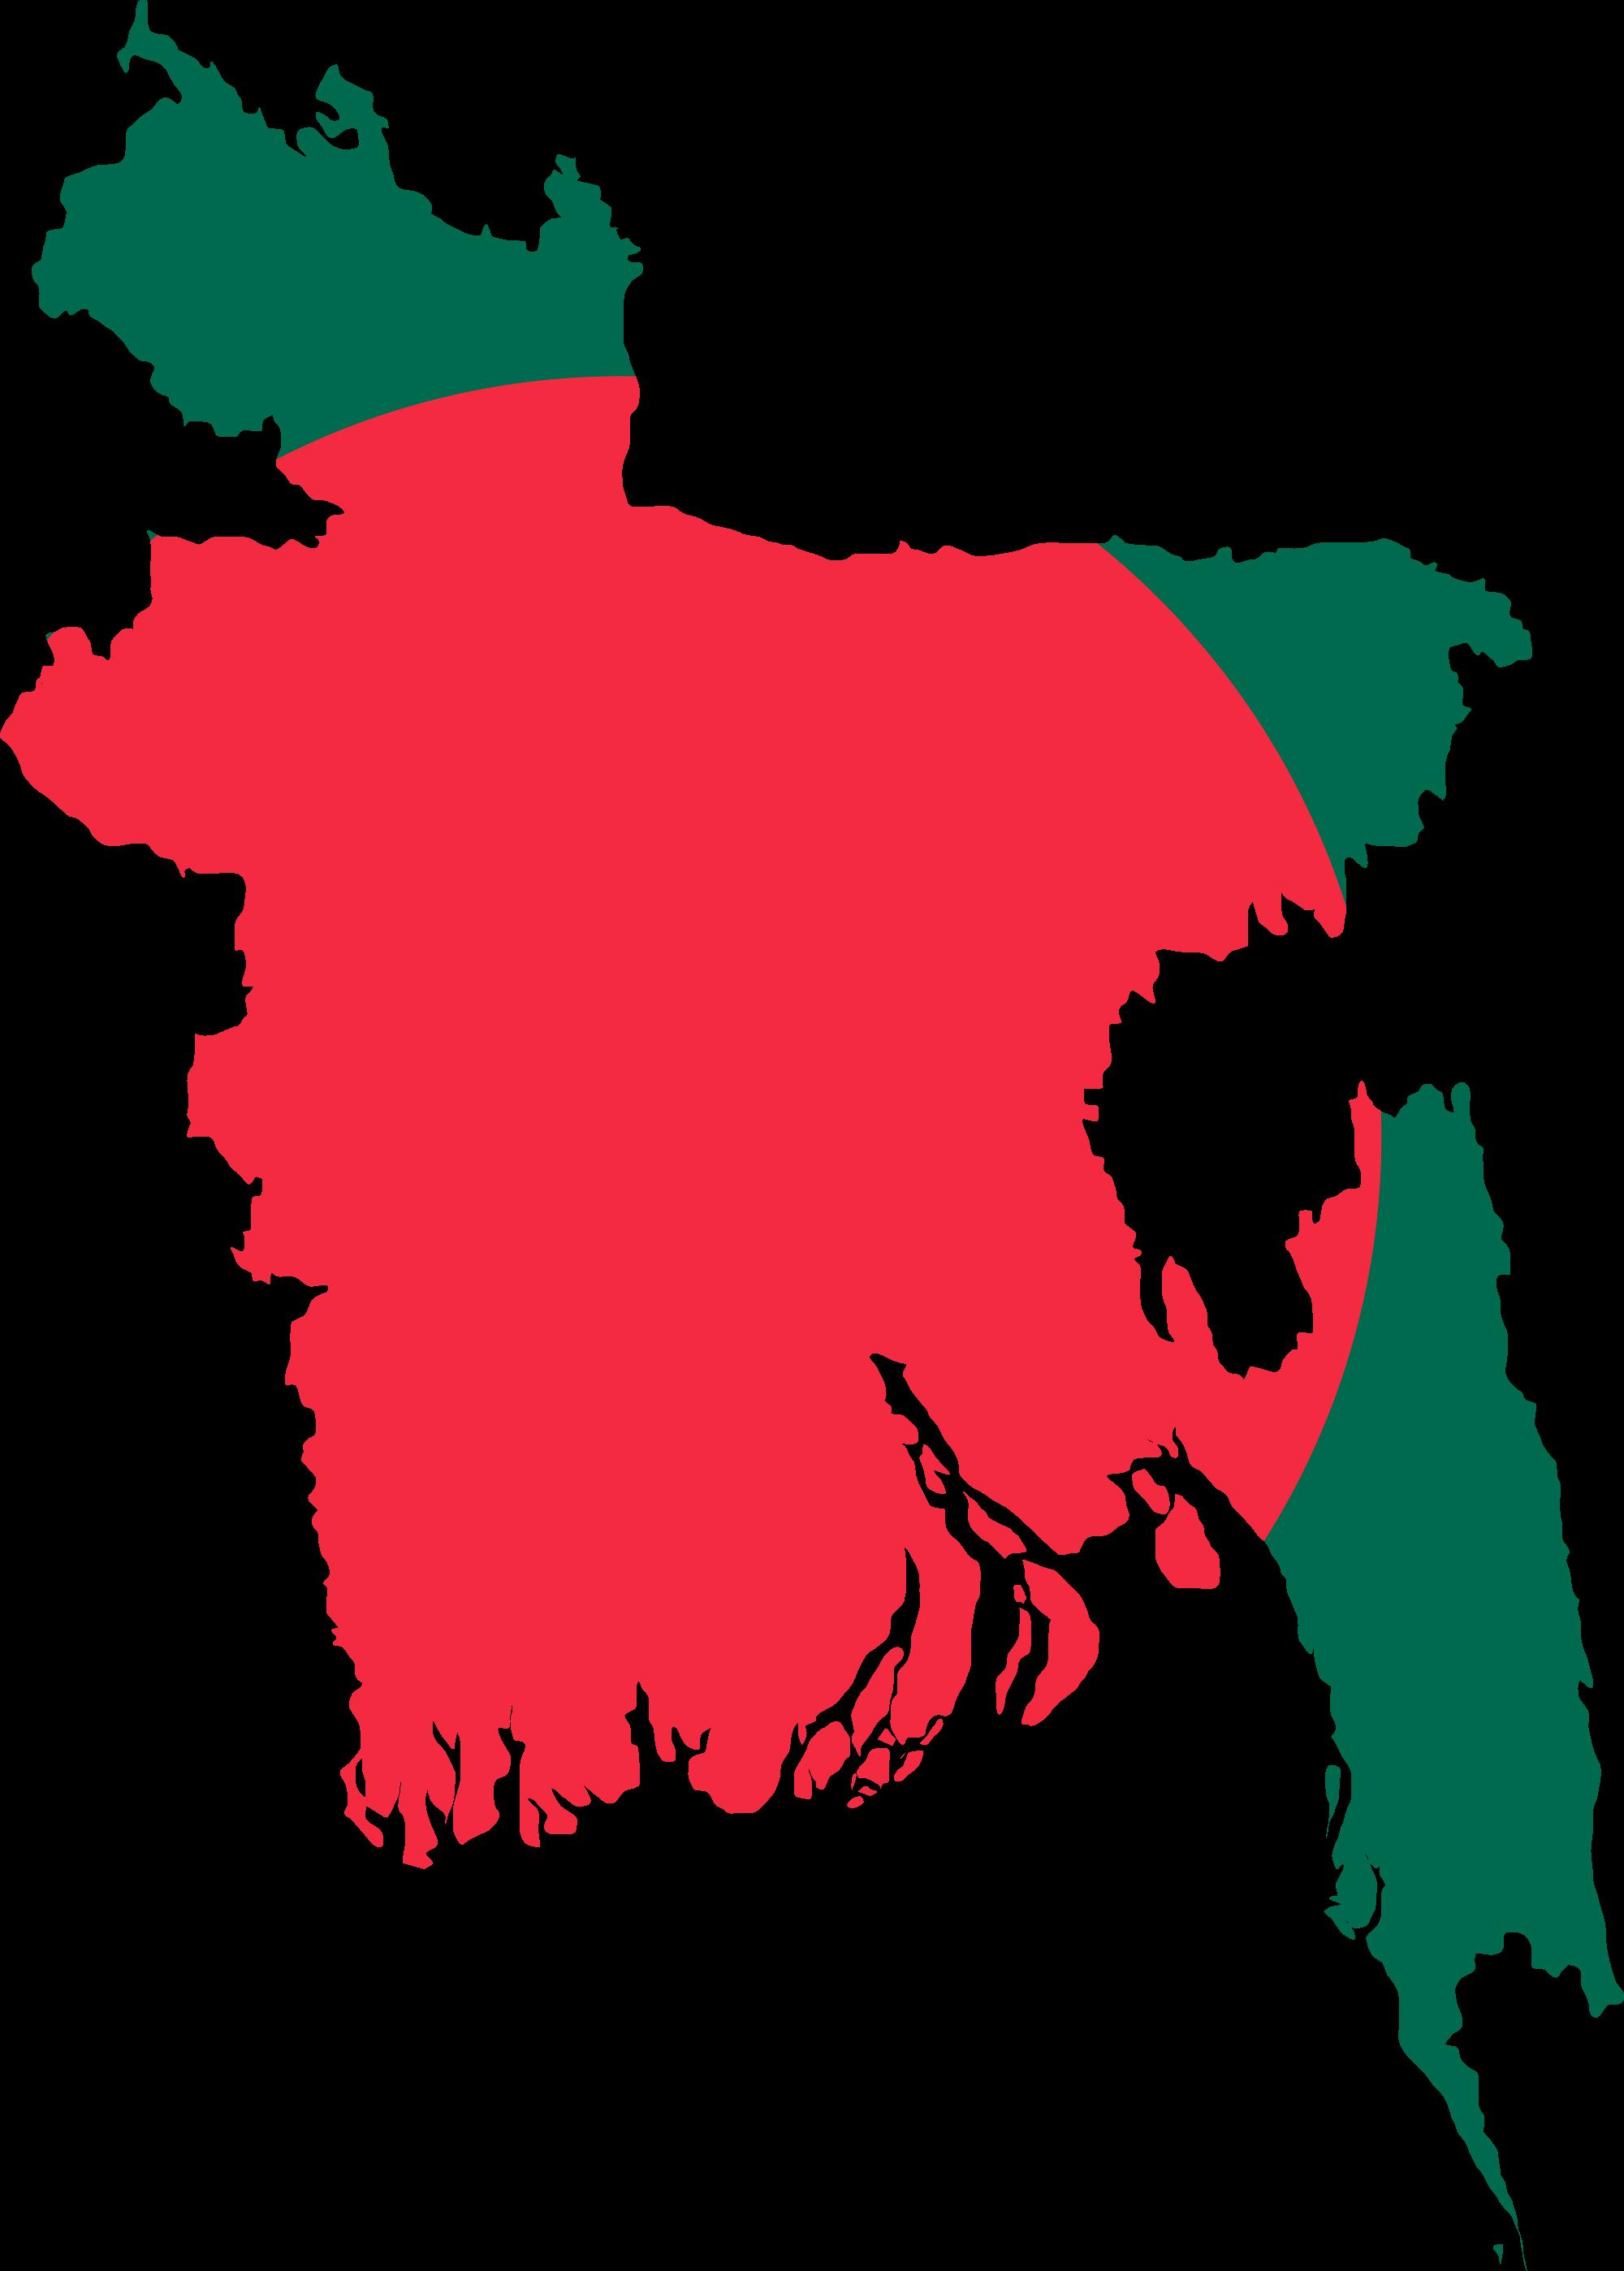 Image Flagmap Of Bangladeshpng Constructed Worlds Wiki - Bangladesh map